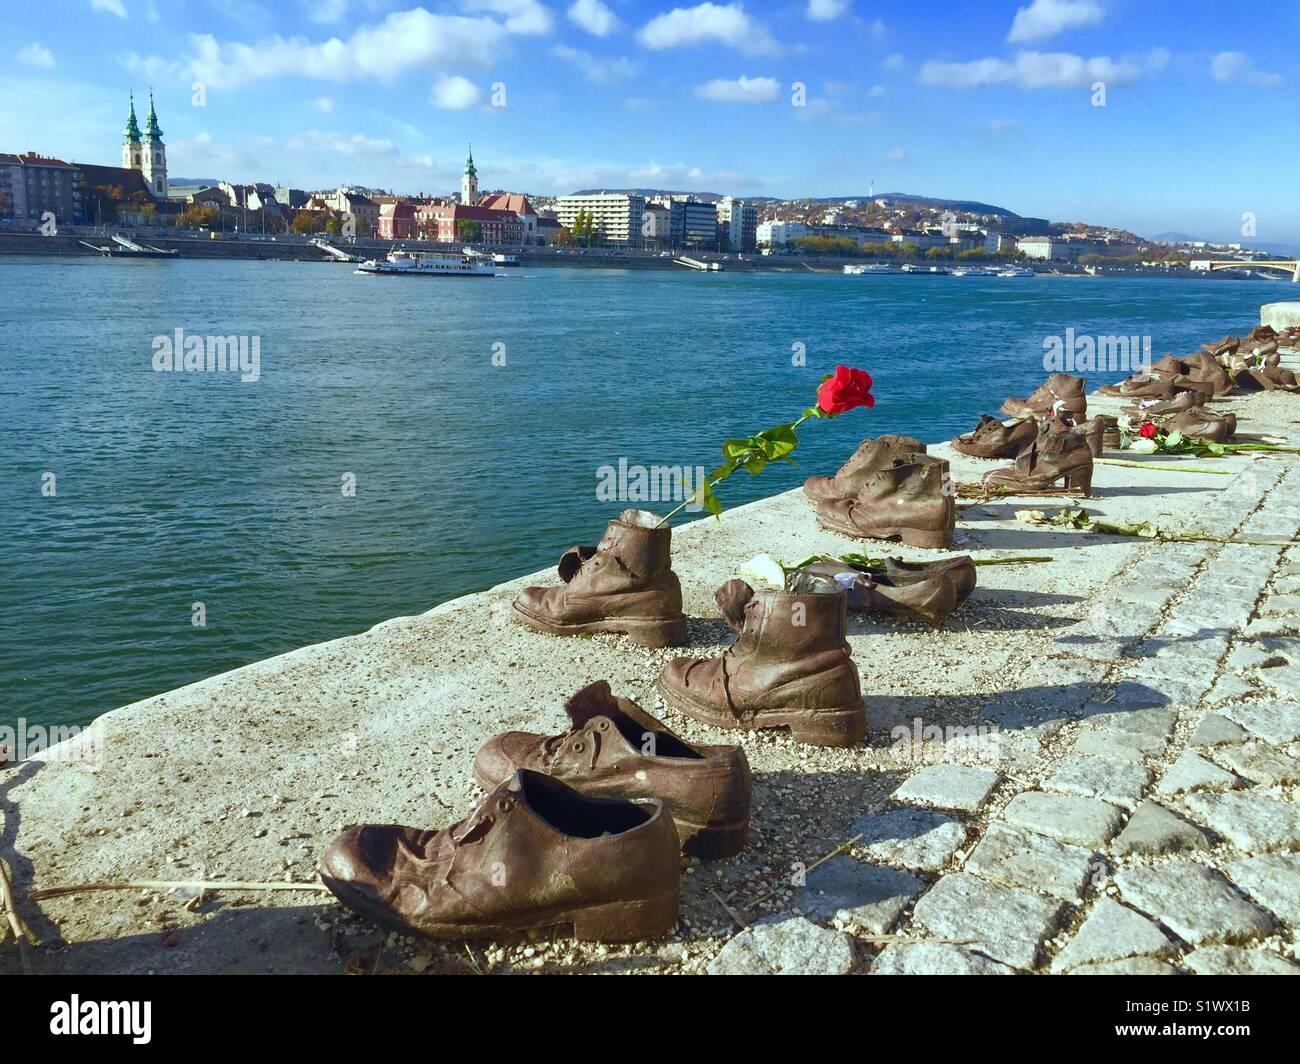 Scarpe sulla sponda del Danubio (Budapest, Ungheria) Immagini Stock